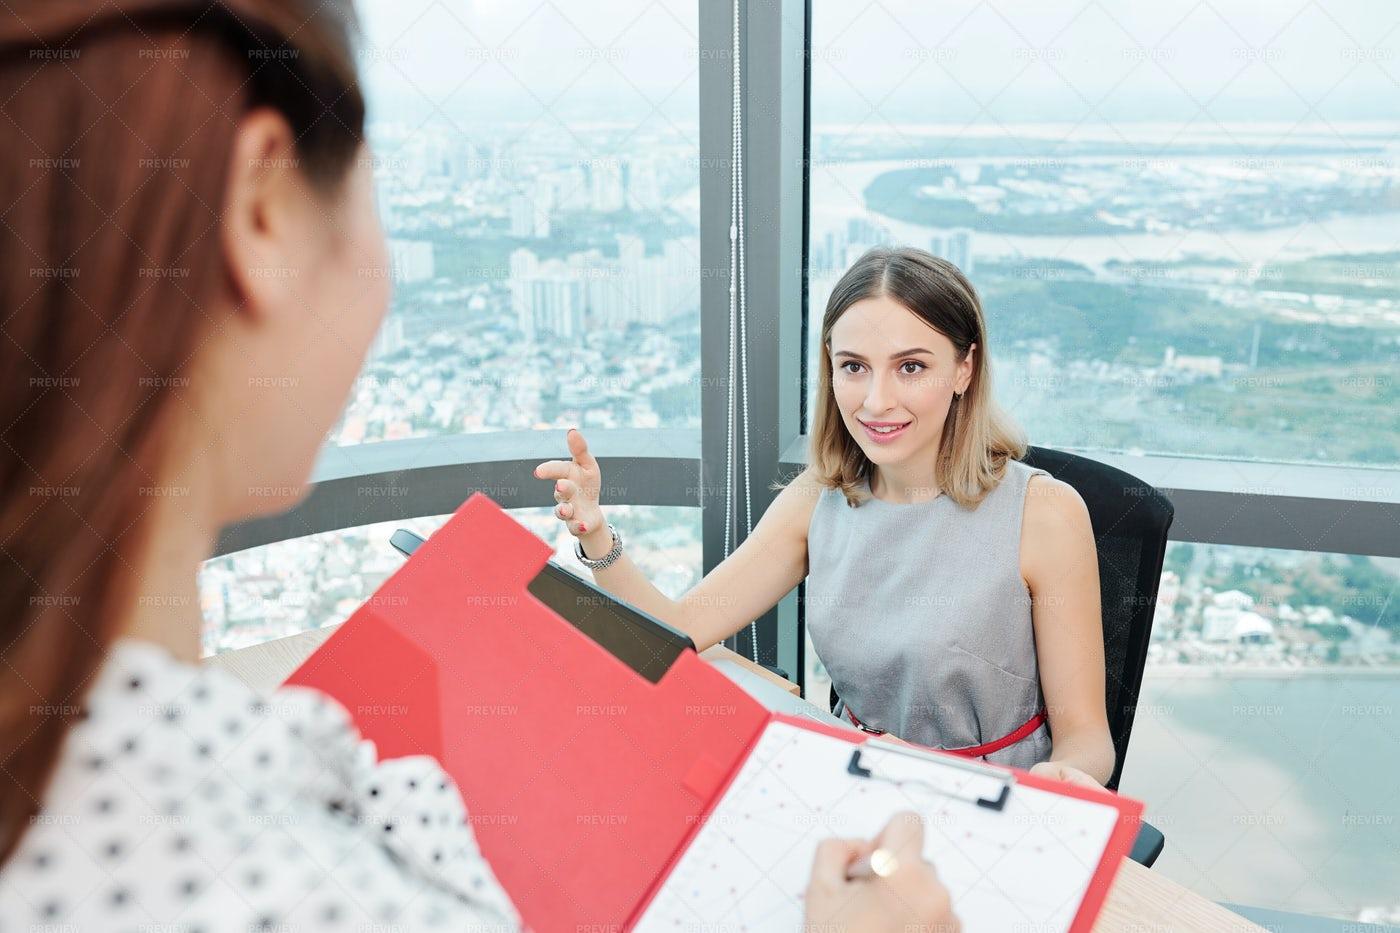 Entrepreneur Giving Orders To Secretary: Stock Photos